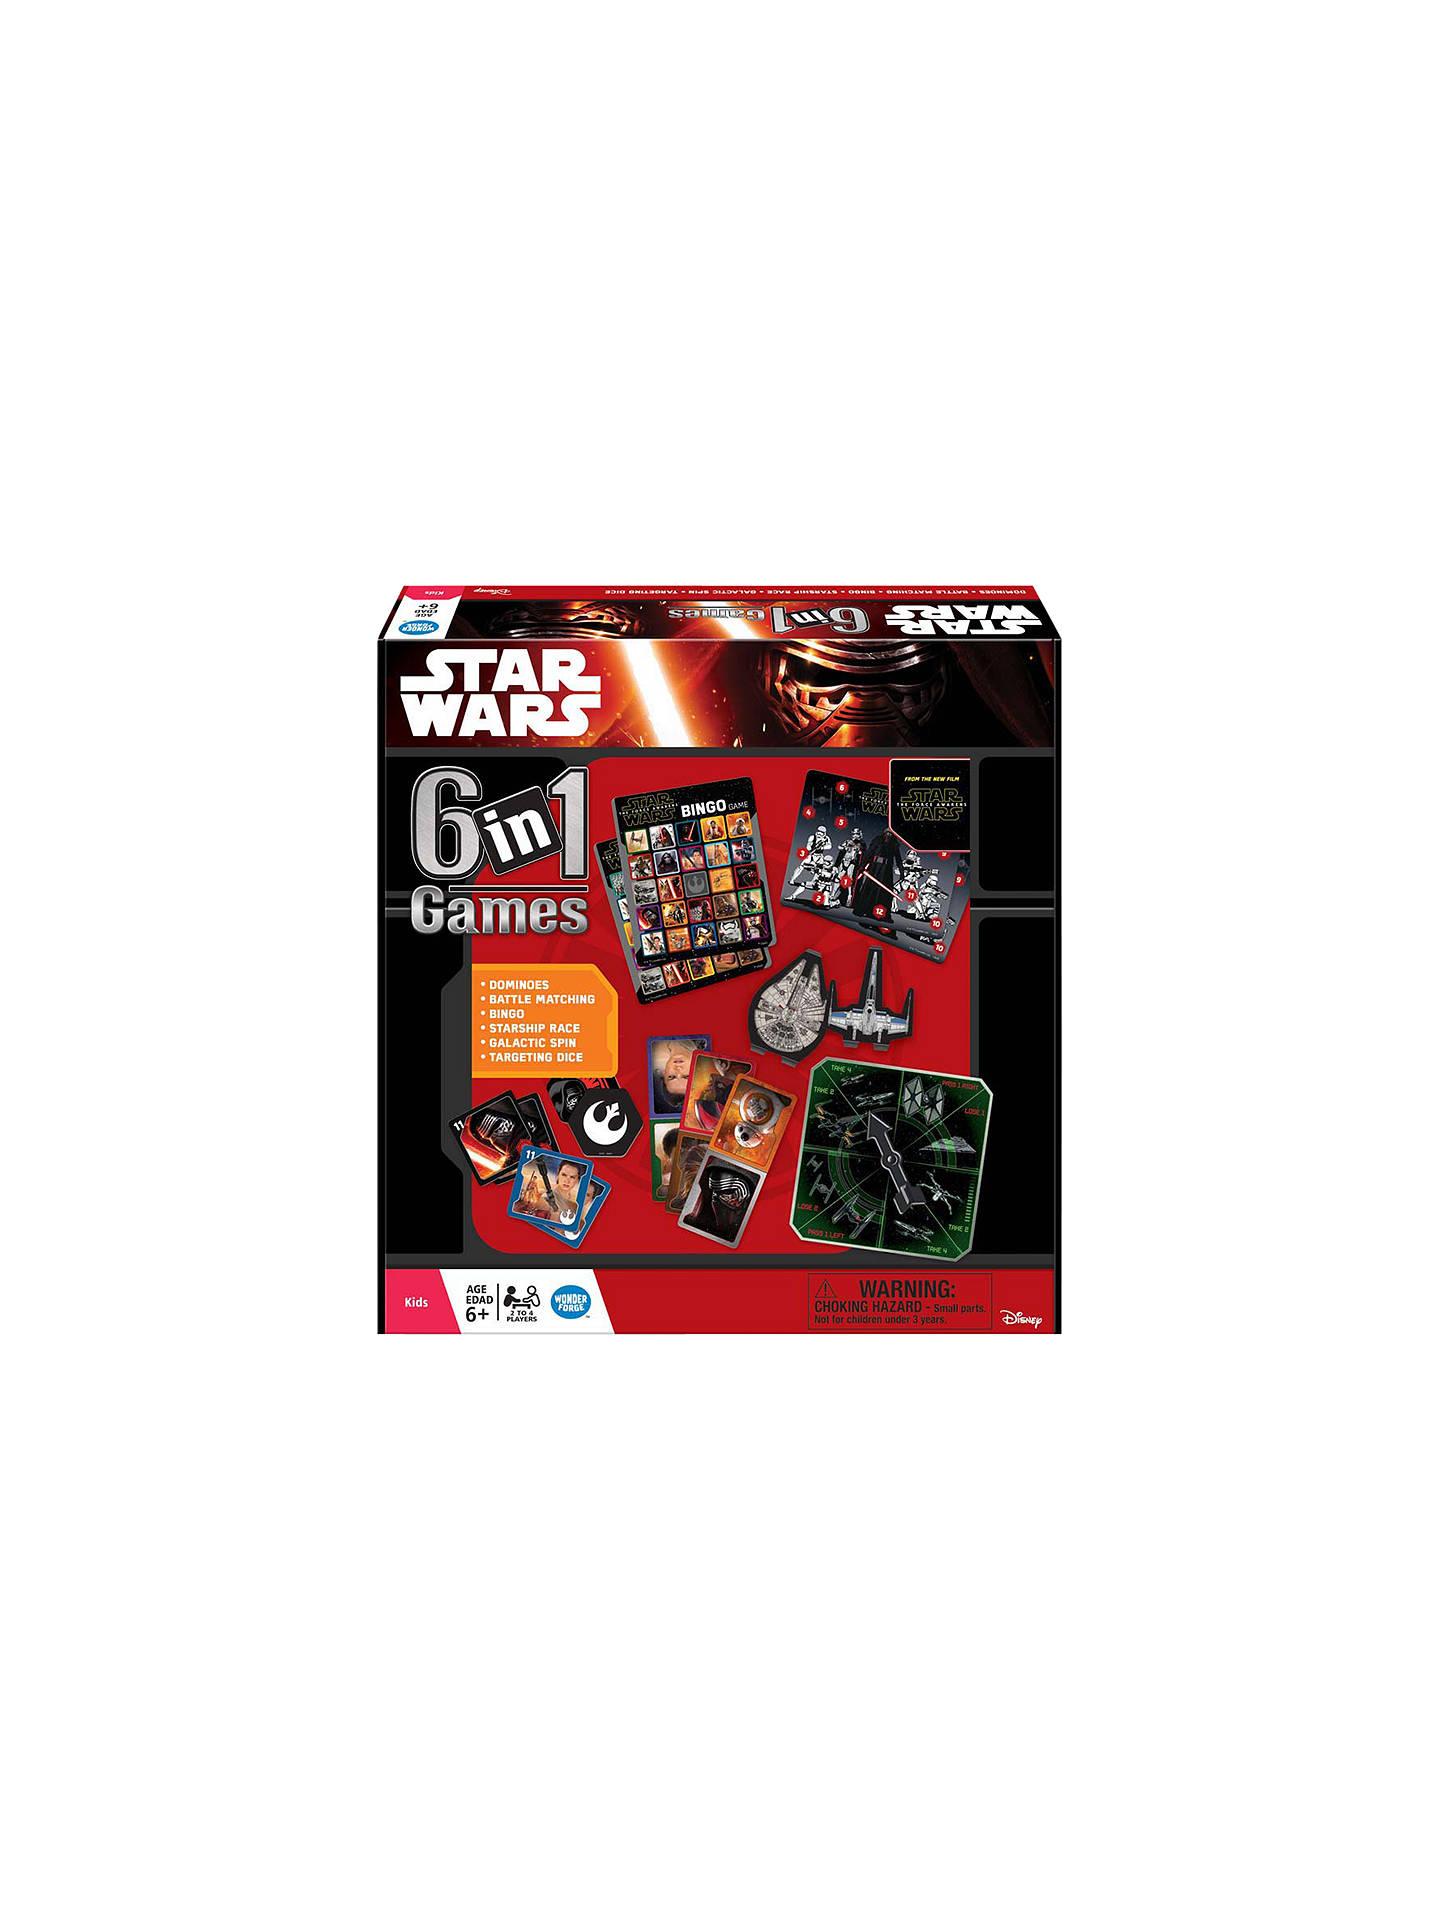 e5b6af42290 Buy Star Wars 6 in 1 Games Compendium Online at johnlewis.com ...